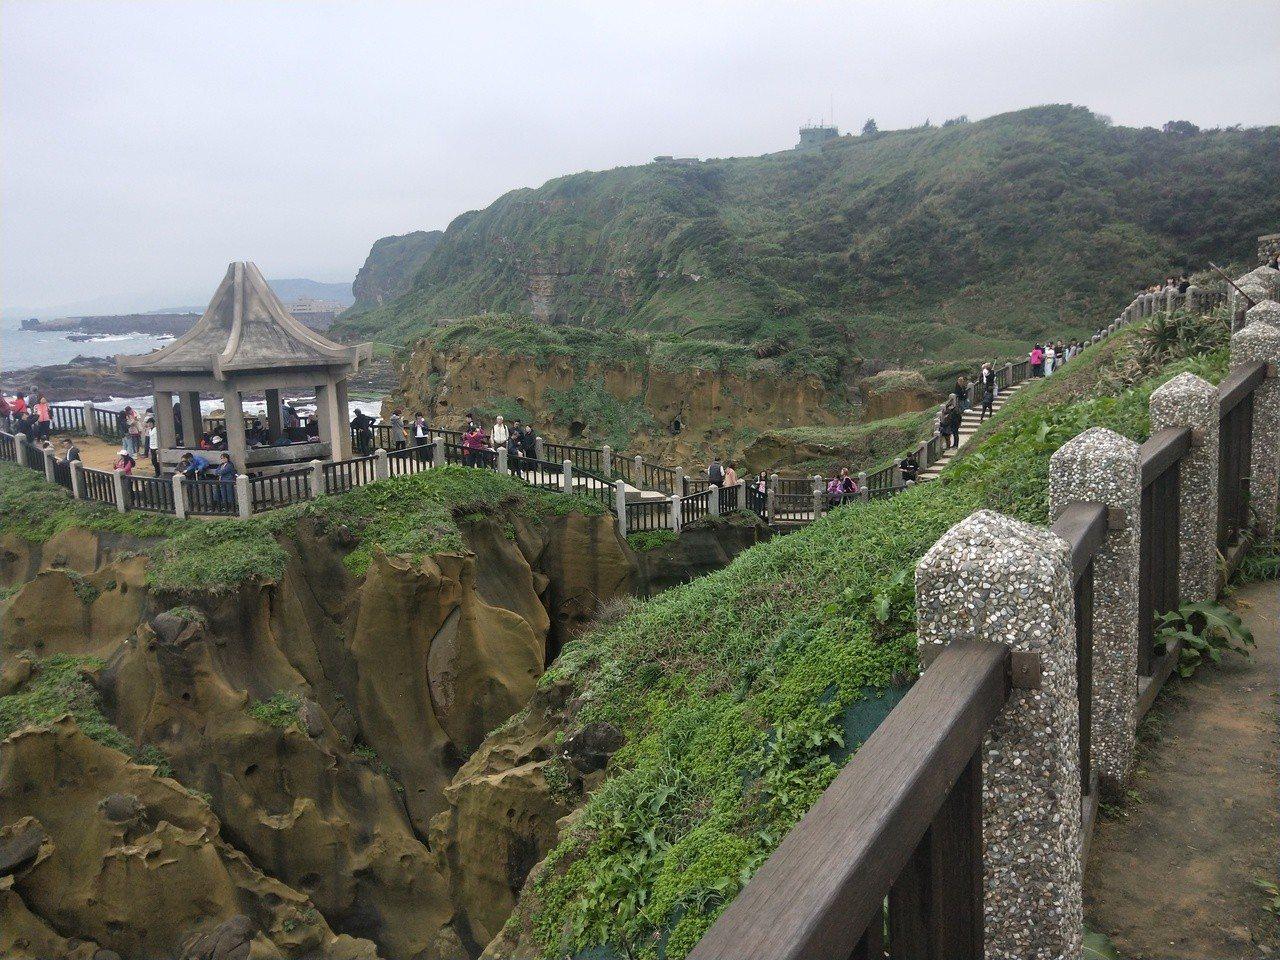 和平島公園擁有北海岸獨特海蝕地景,經整修重新開放後人潮很多,將增闢大型停車場解決...